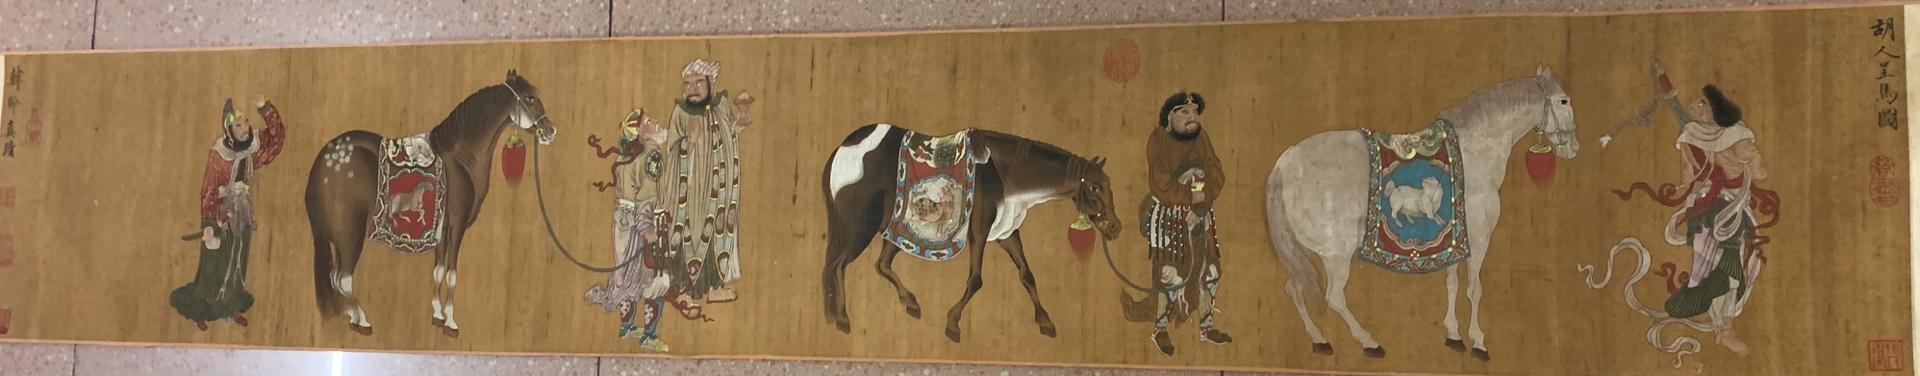 韩干 胡人呈马图 绢本手卷